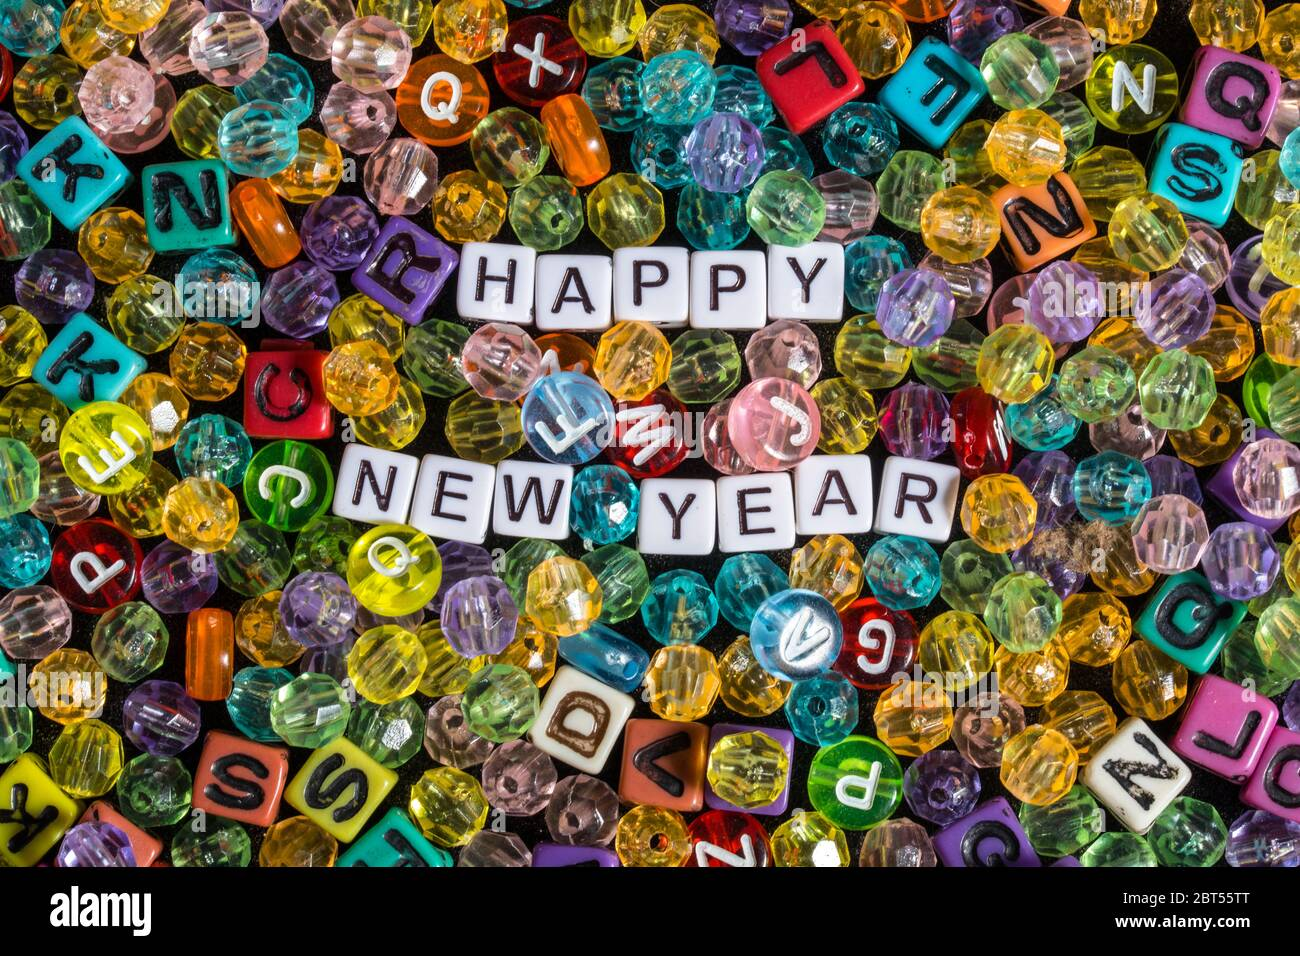 Bonne phrase du nouvel an entourée de perles et de blocs d'alphabet Banque D'Images